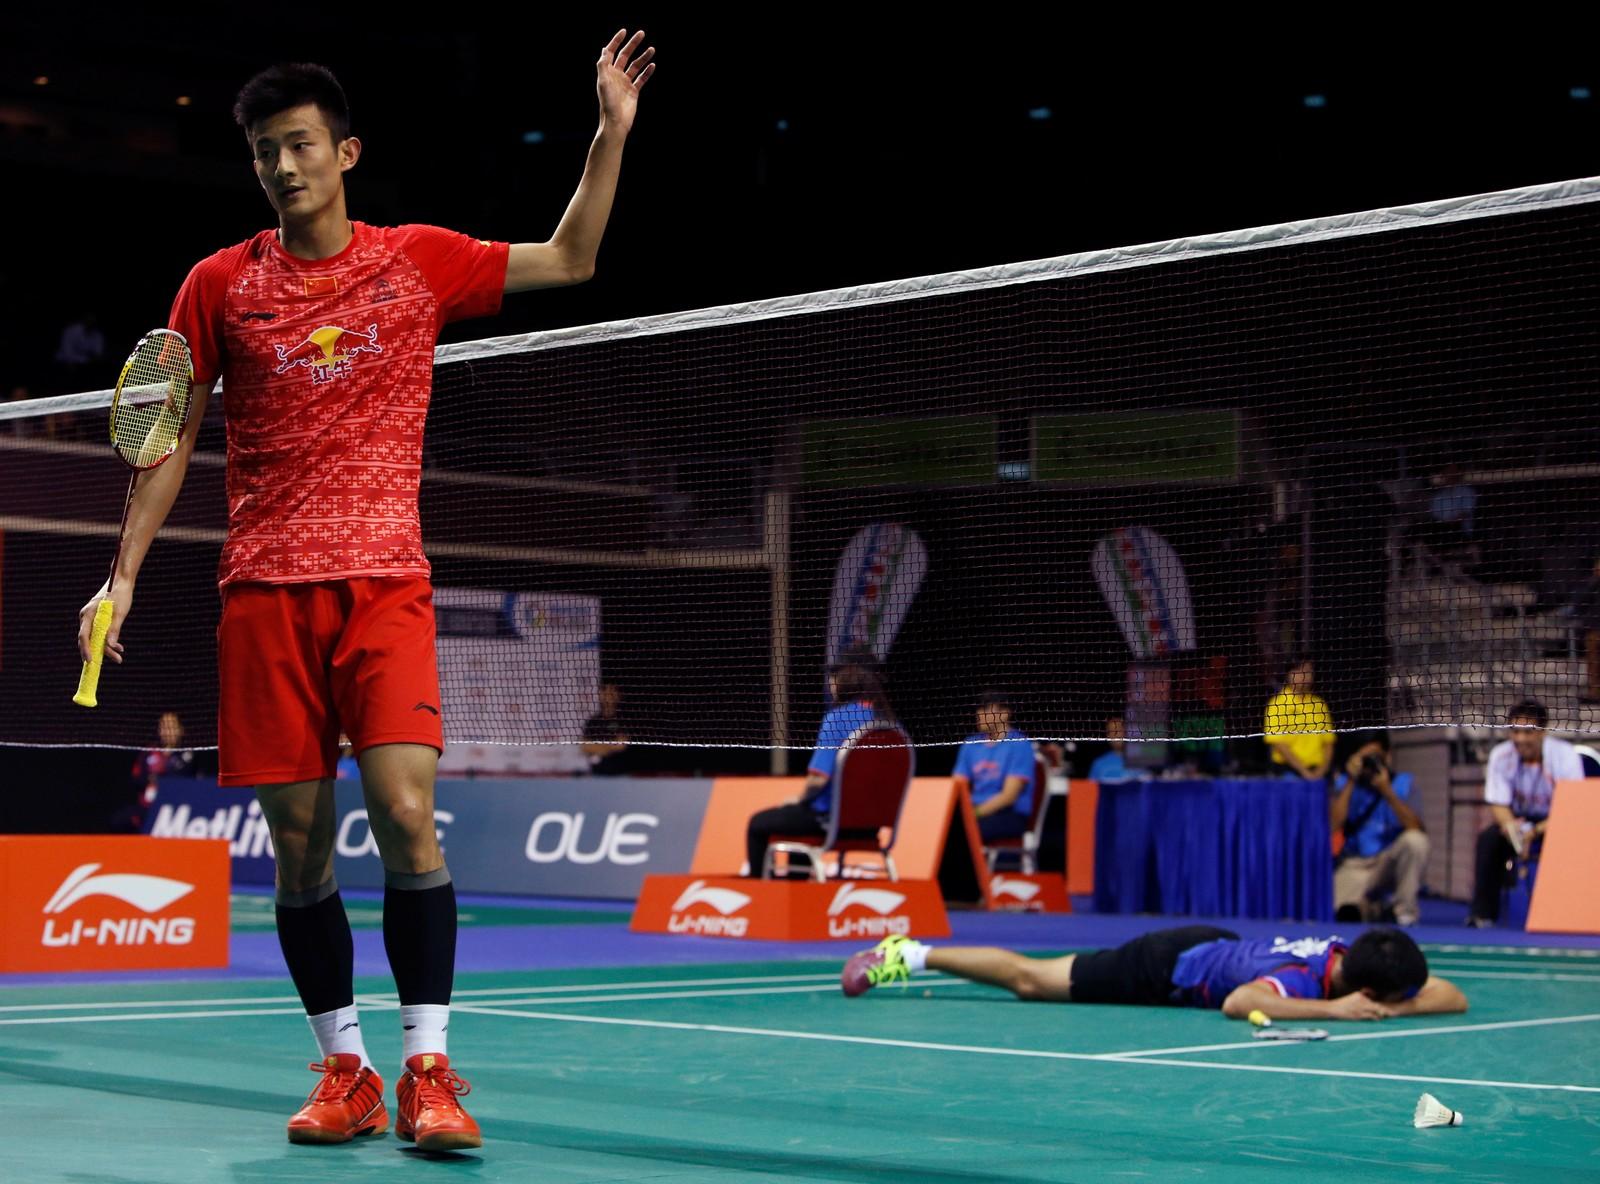 NEEEEI! Boonsak Ponsana fra Thailand fortviler etter at han har tapt et poeng under åttendelsfinalen i Singapore Open i badminton. Motspiller Chen Long fra Kina tok poenget. Chen Long vant kampen 17-21, 21-18, 21-9 og slo dermed ut Boonsak Ponsana, som har vunnet turneringen to ganger tidligere.